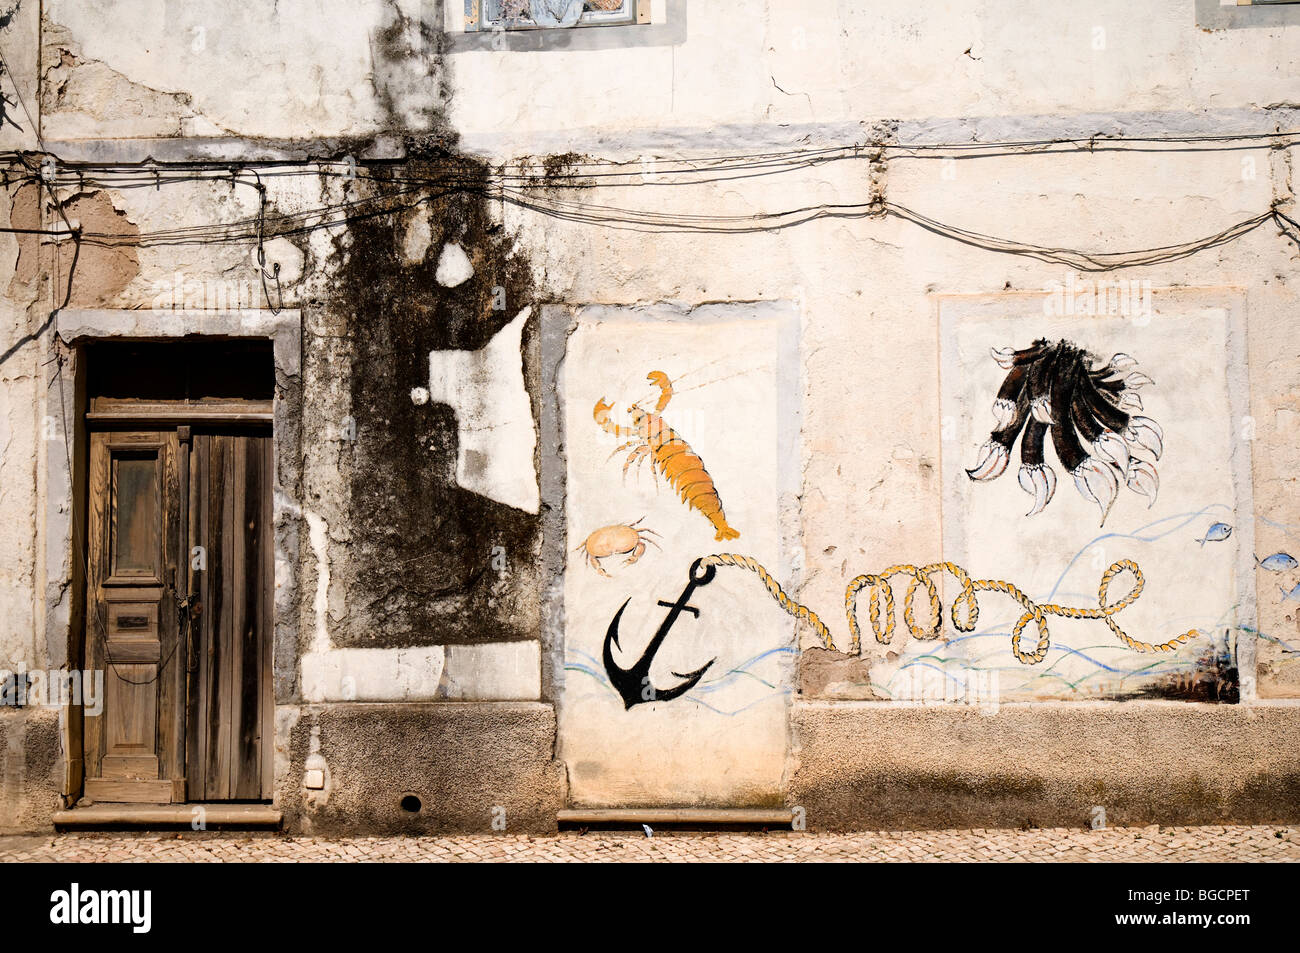 Mural in Old Building - Aljezar Portugal - Stock Image